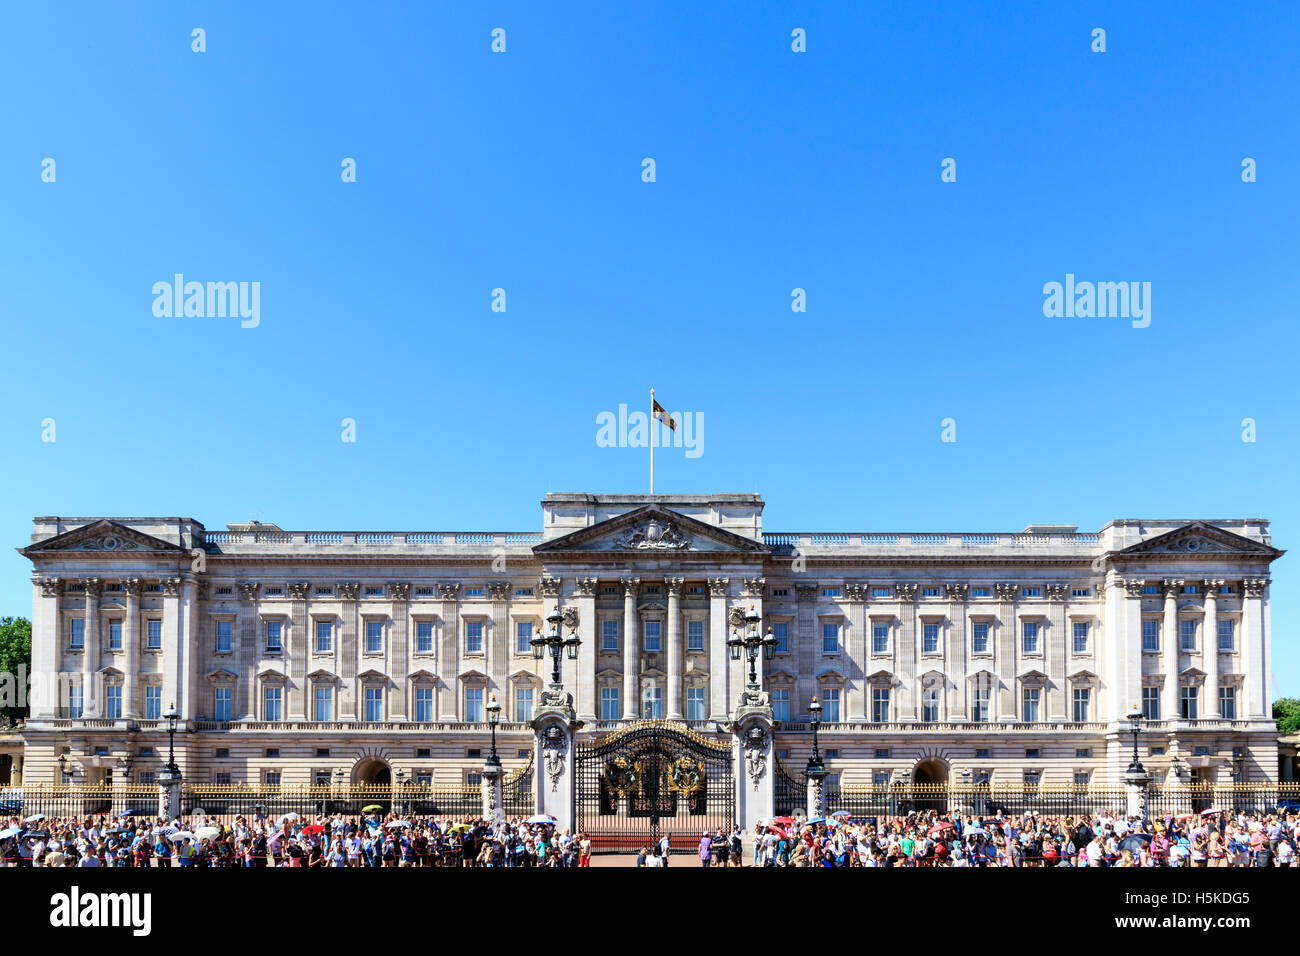 Le palais de Buckingham à Londres avec une foule de touristes sur une journée sans nuages Photo Stock